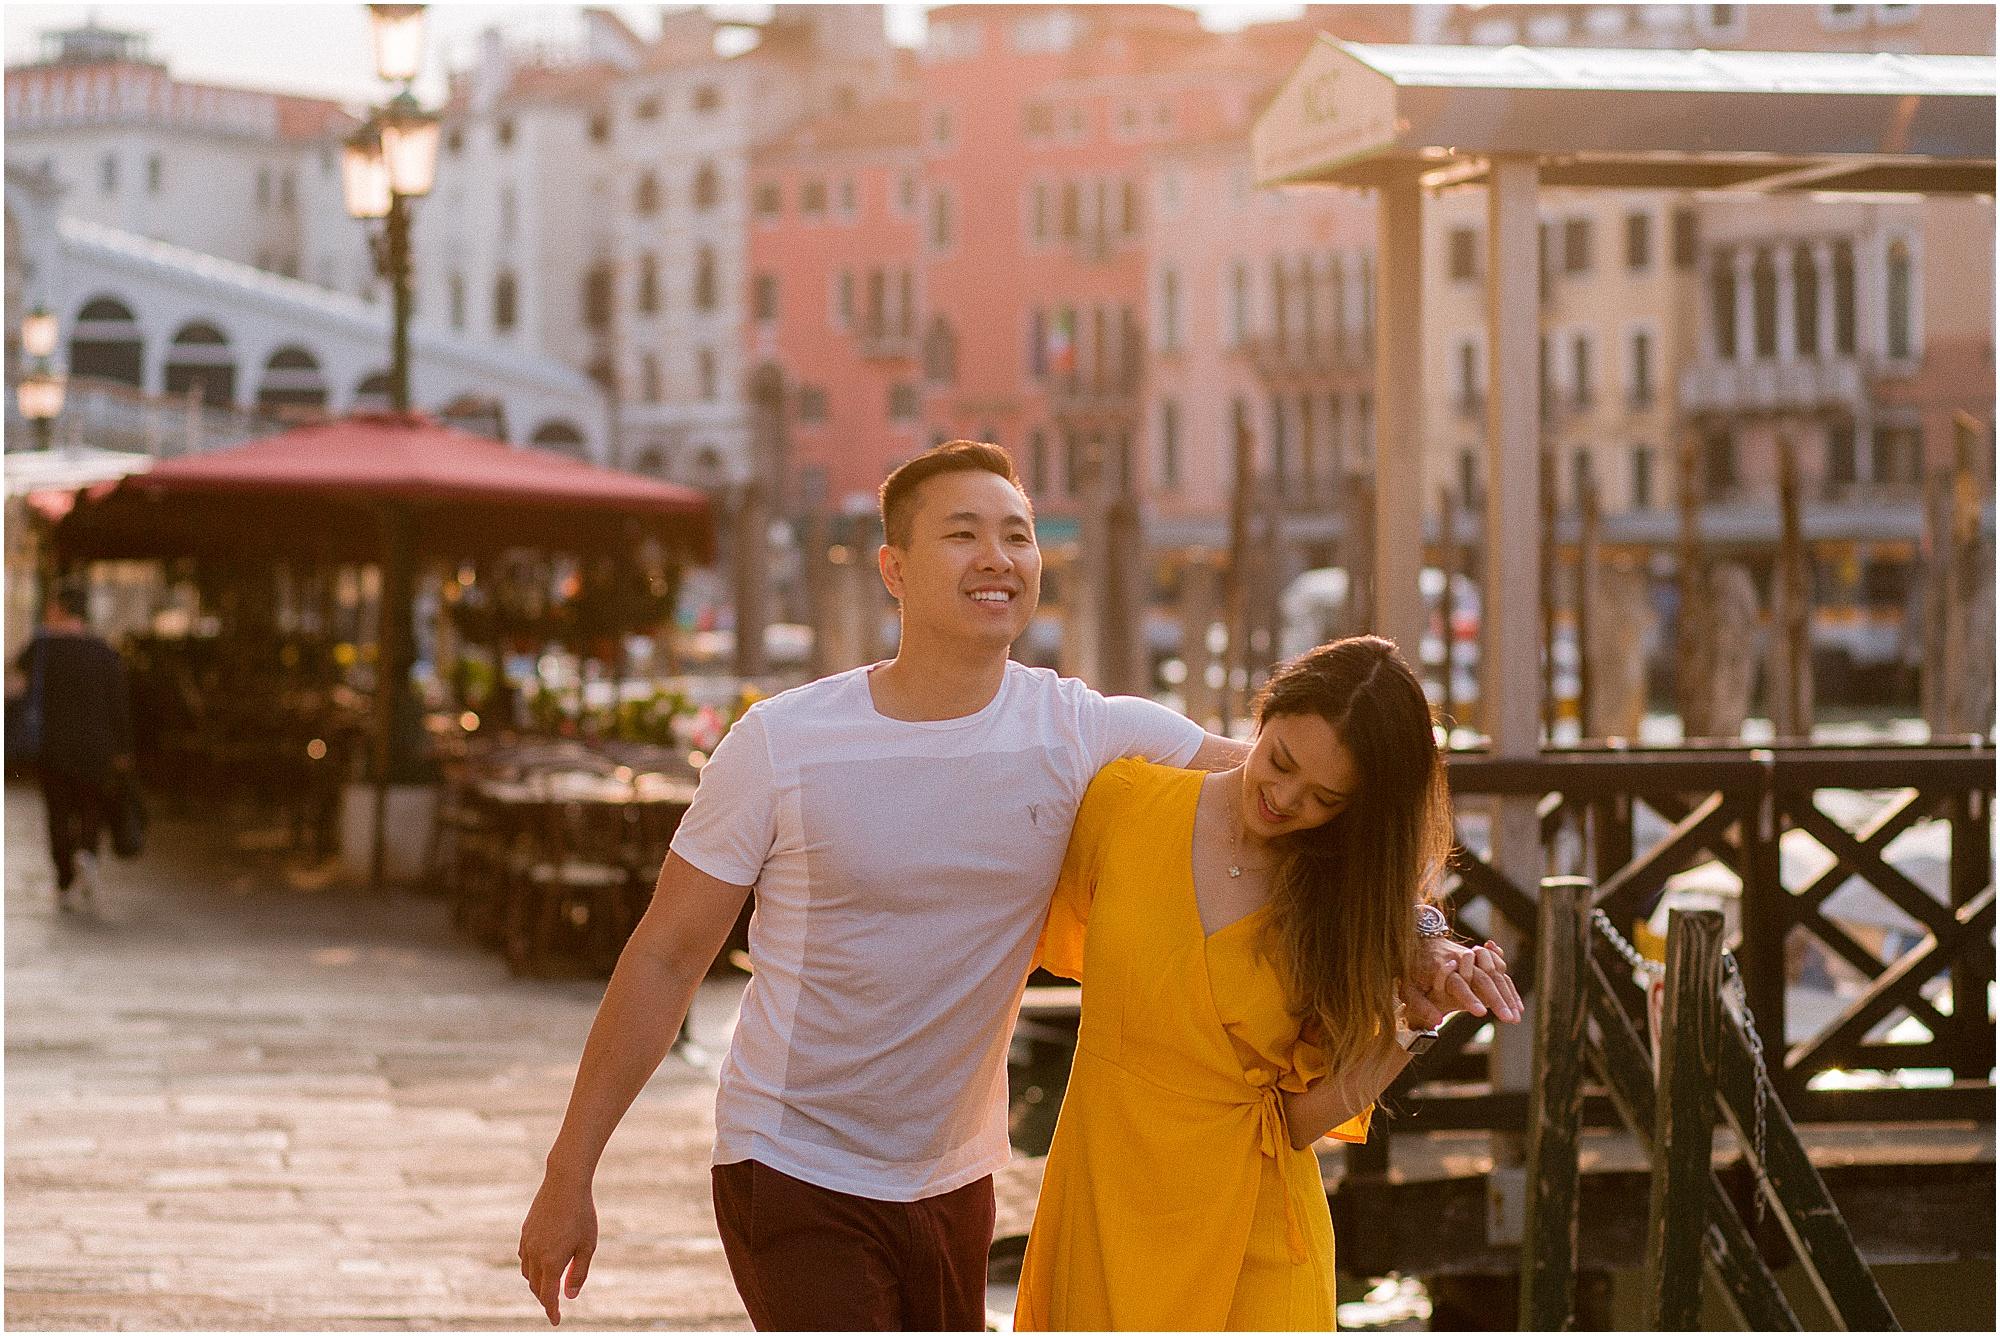 couple-lifestyle-photoshoot-in-venice-gondola-sunrise-stefano-degirmenci_0118.jpg